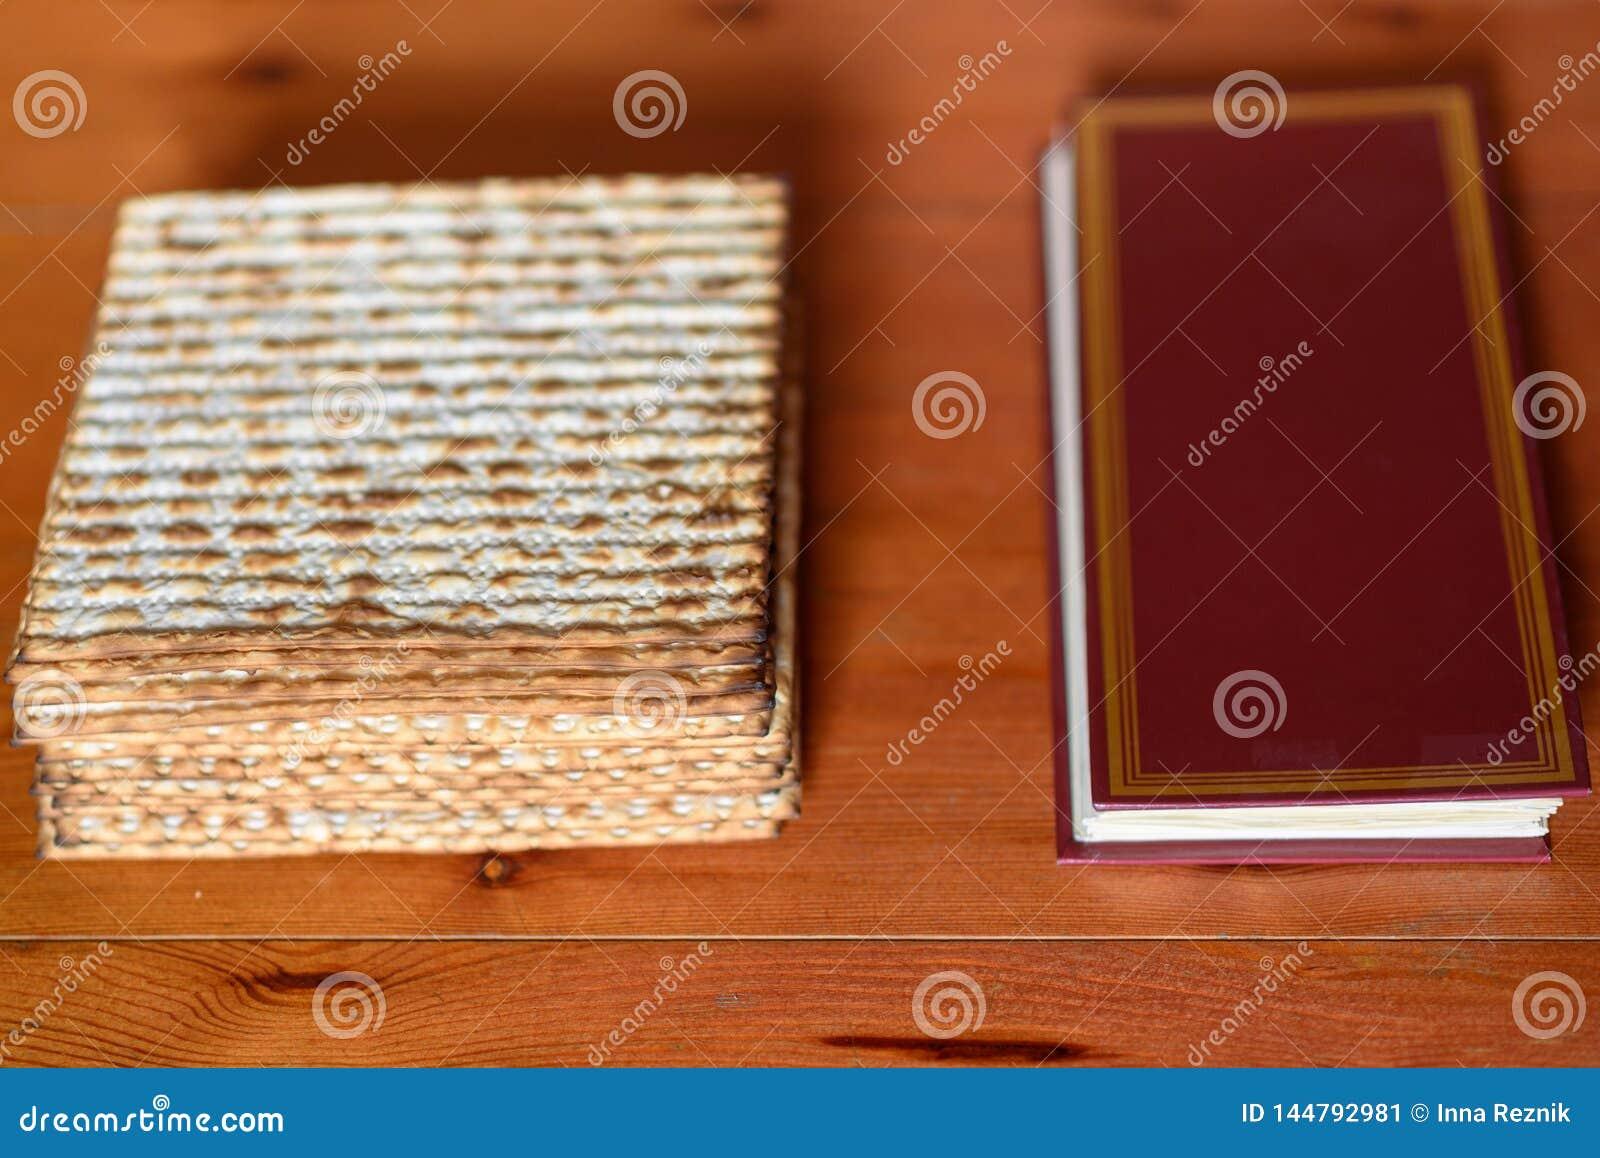 Passover Tabla tradicional del seder fijada para un Haggadah festivo judío del matzah y de la pascua judía de la comida